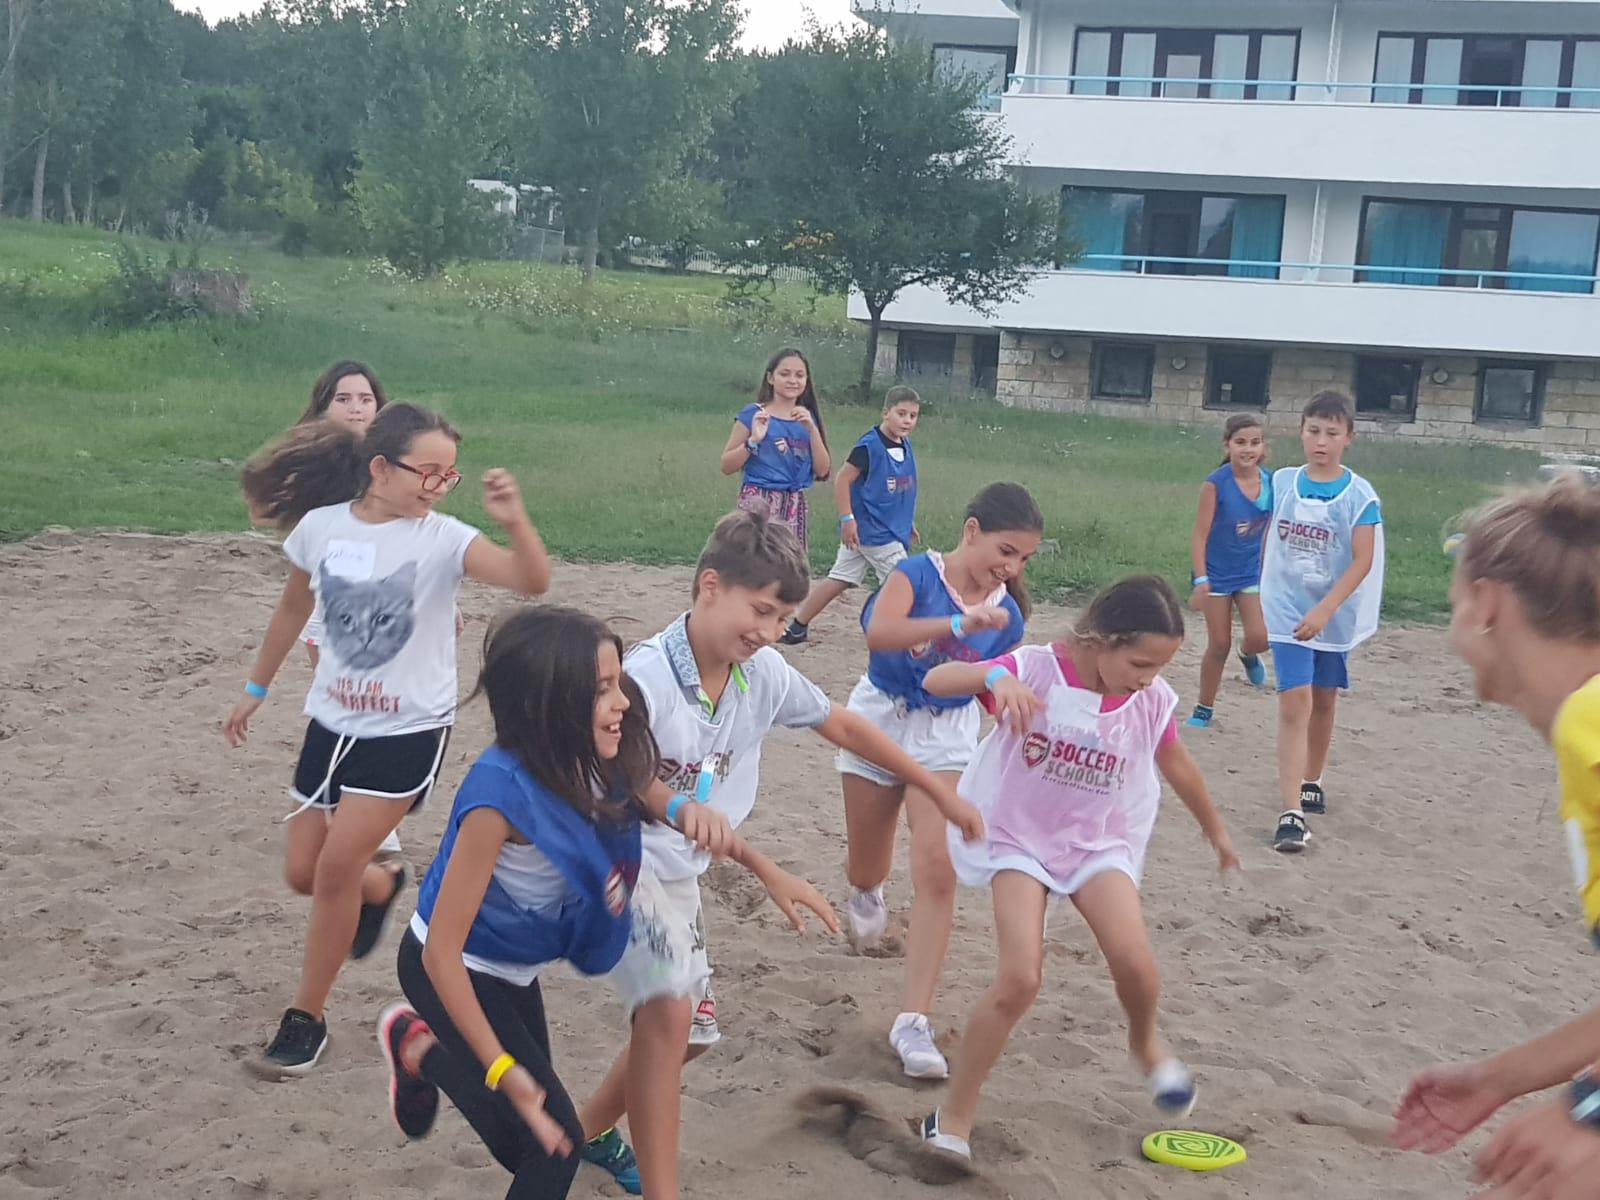 Z кемп, Ден 13 - Игра на фризби , децата се борят да хванат диска